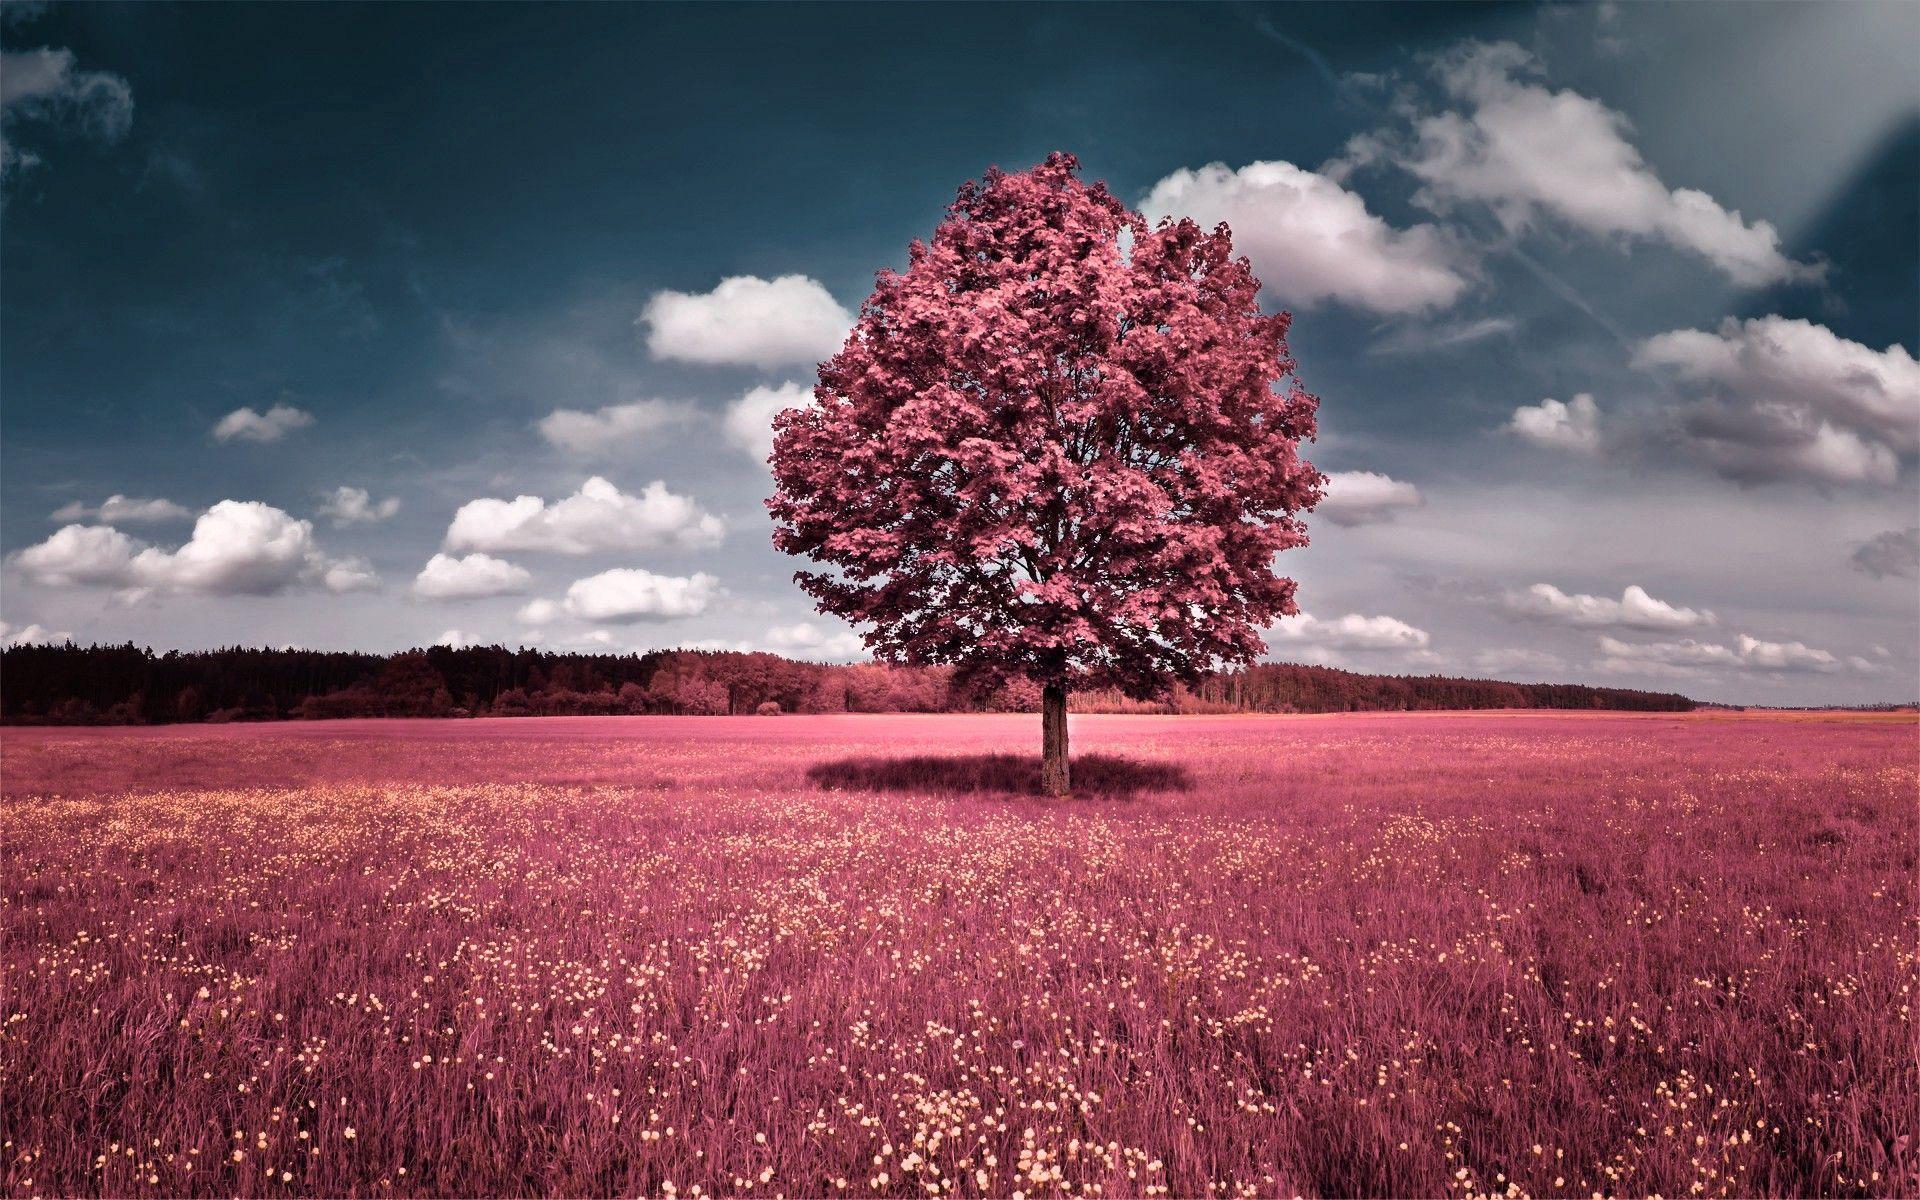 Pink HD Desktop Wallpapers   Wallpaper Cave